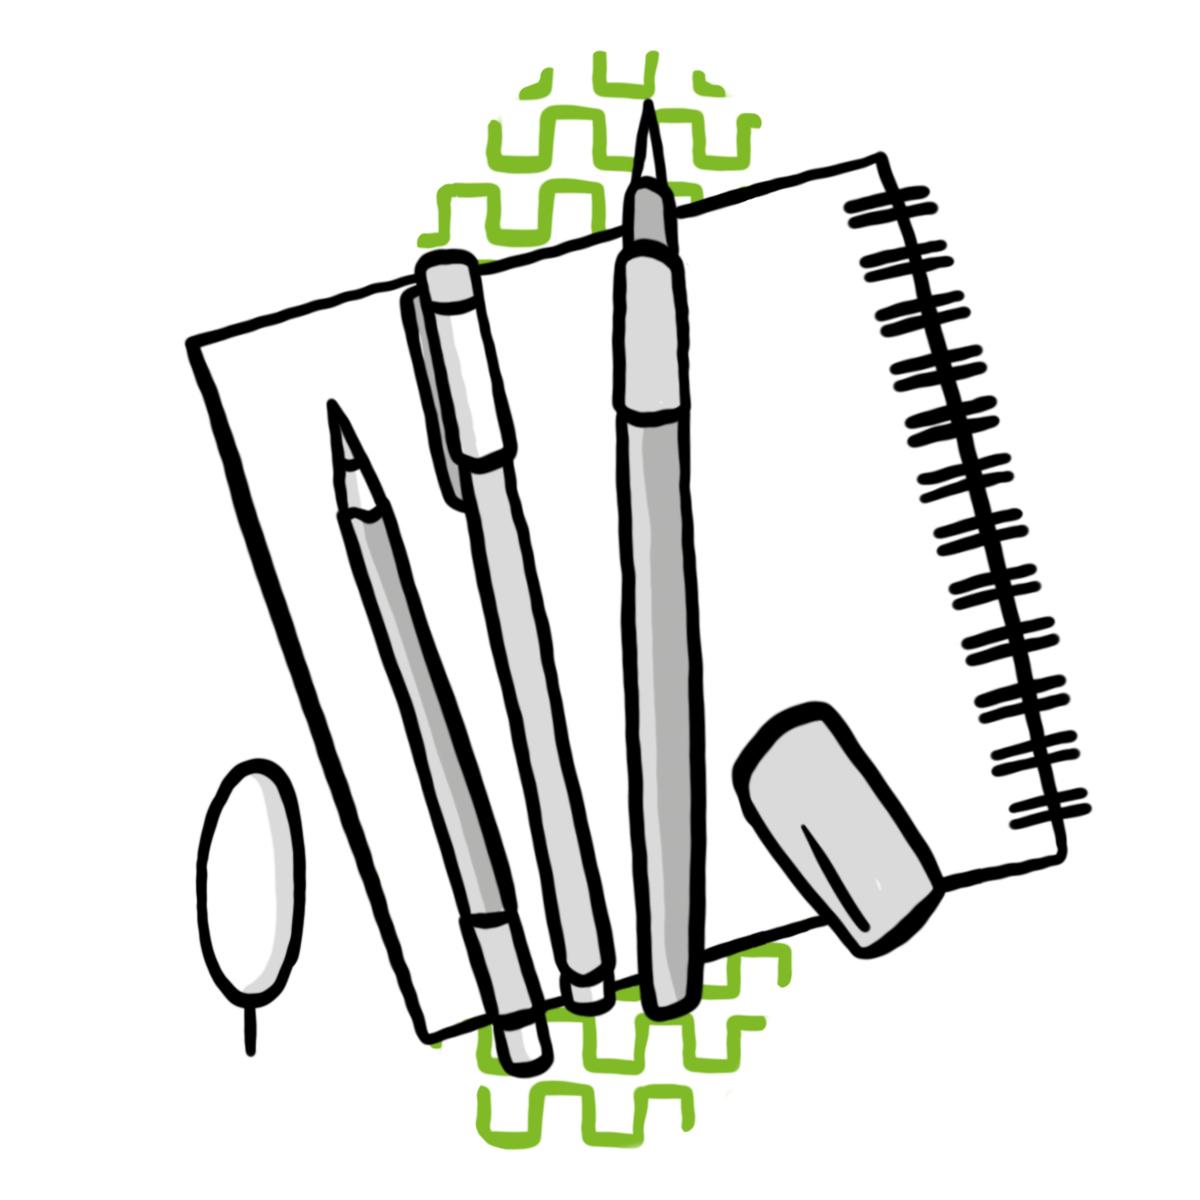 Papier-Block mit Stiften und Radiergummi mit Kunst und Design-Bäumchen (Symbol für Schulzweig Kunst und Design ORG)